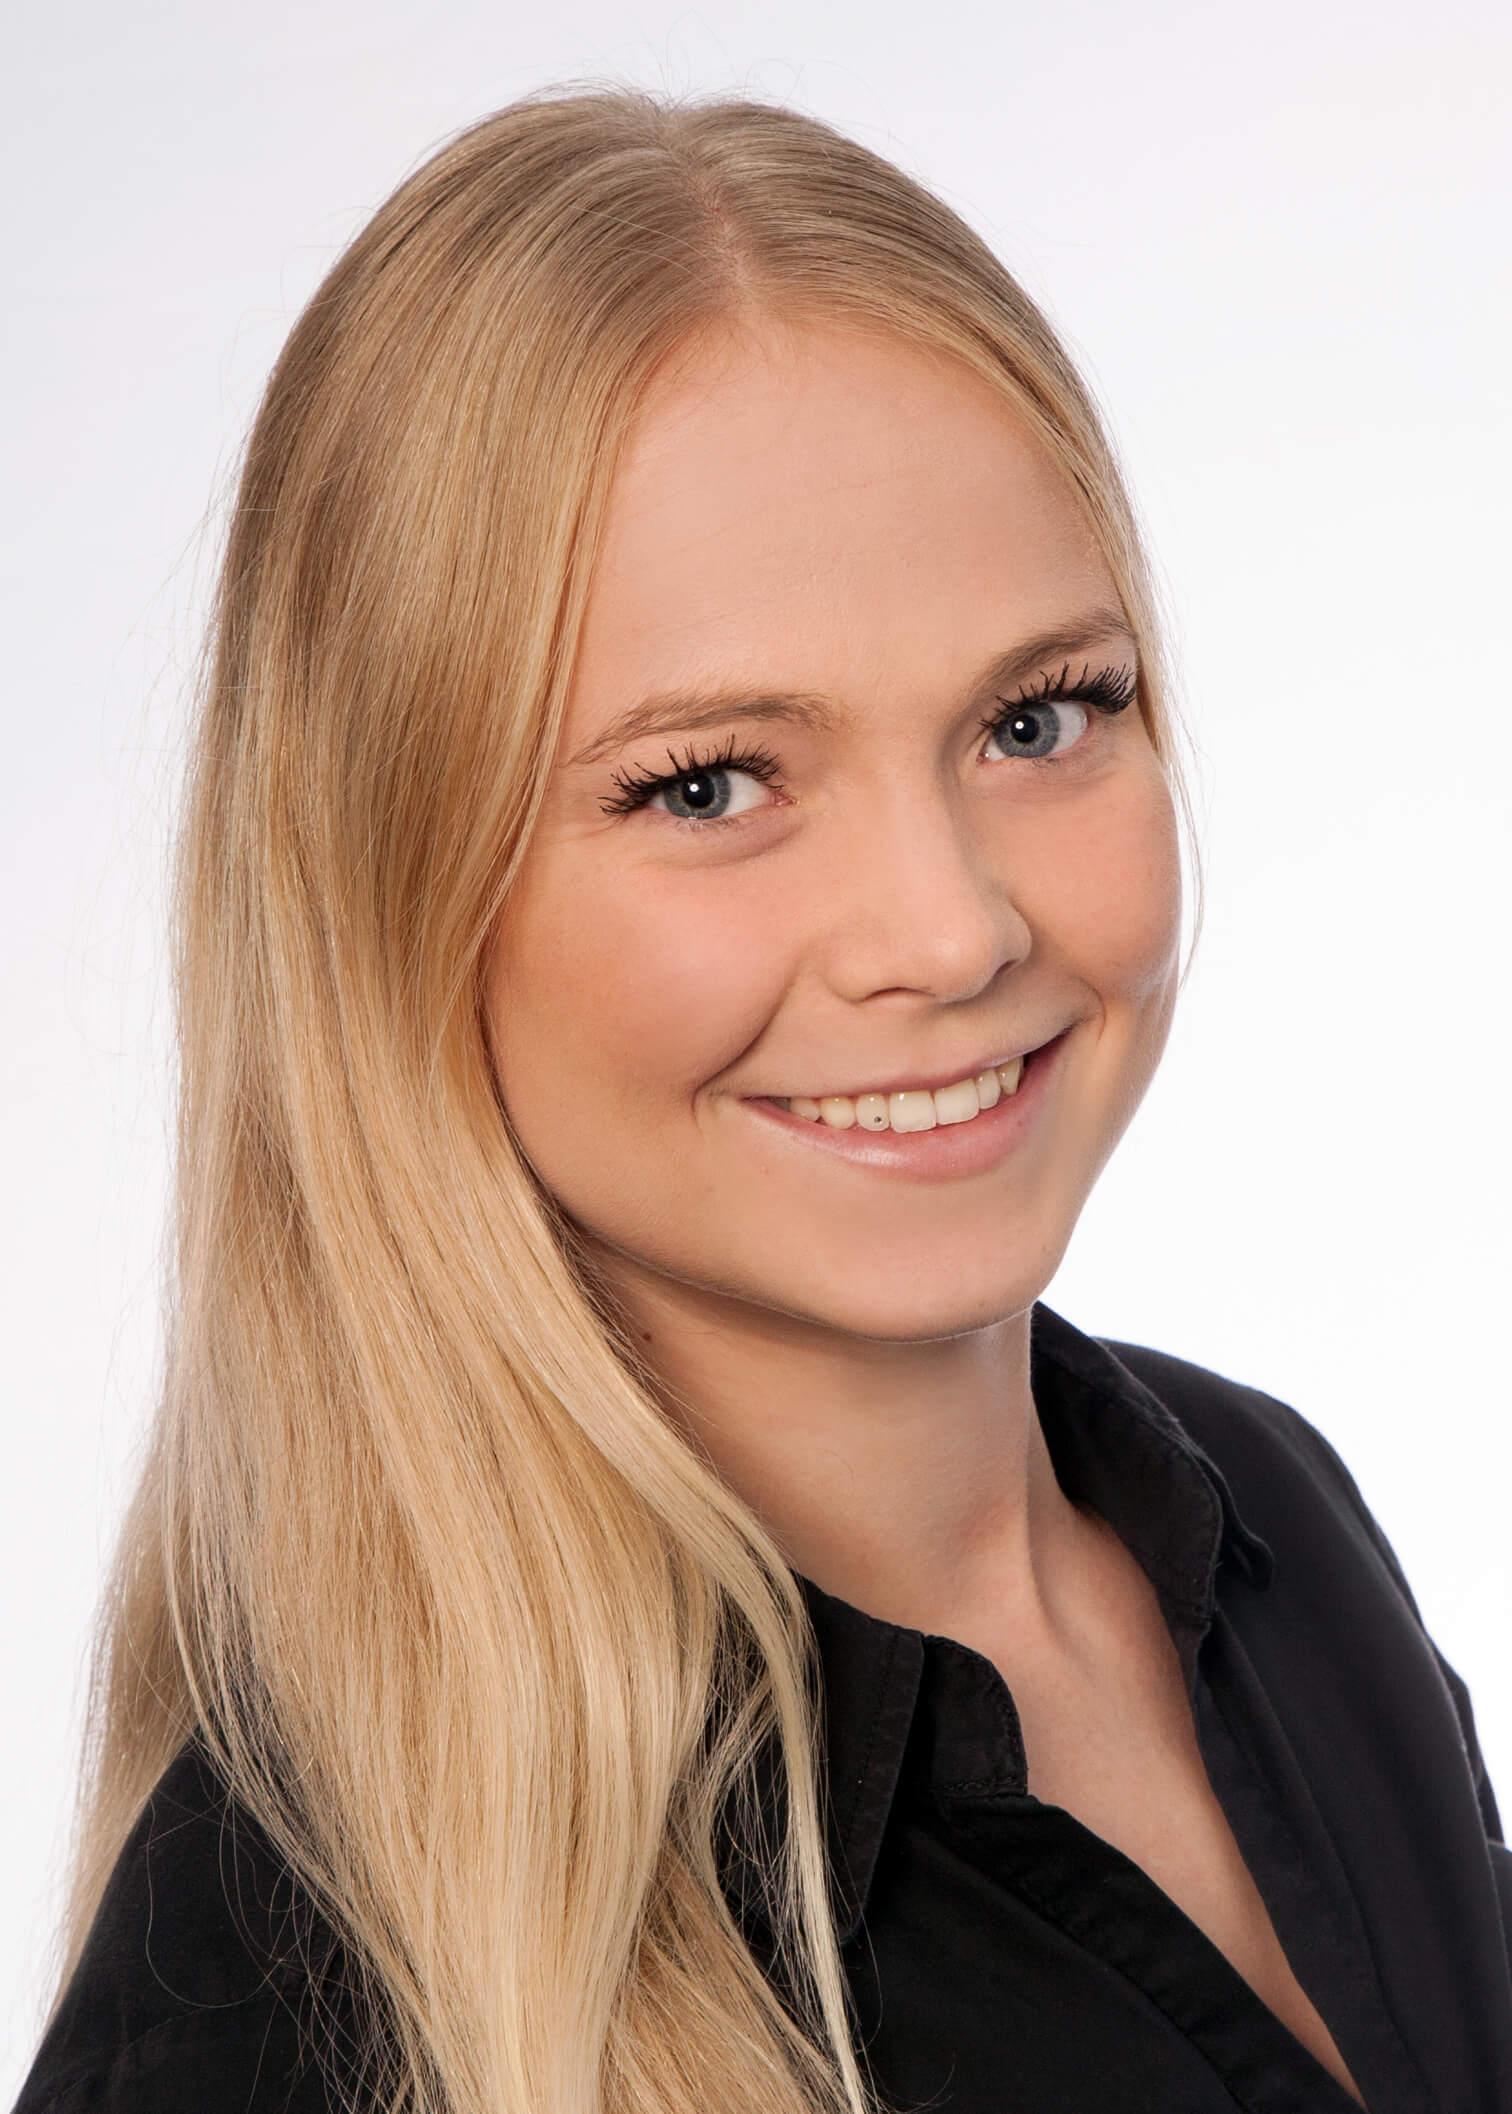 Laura Ramin